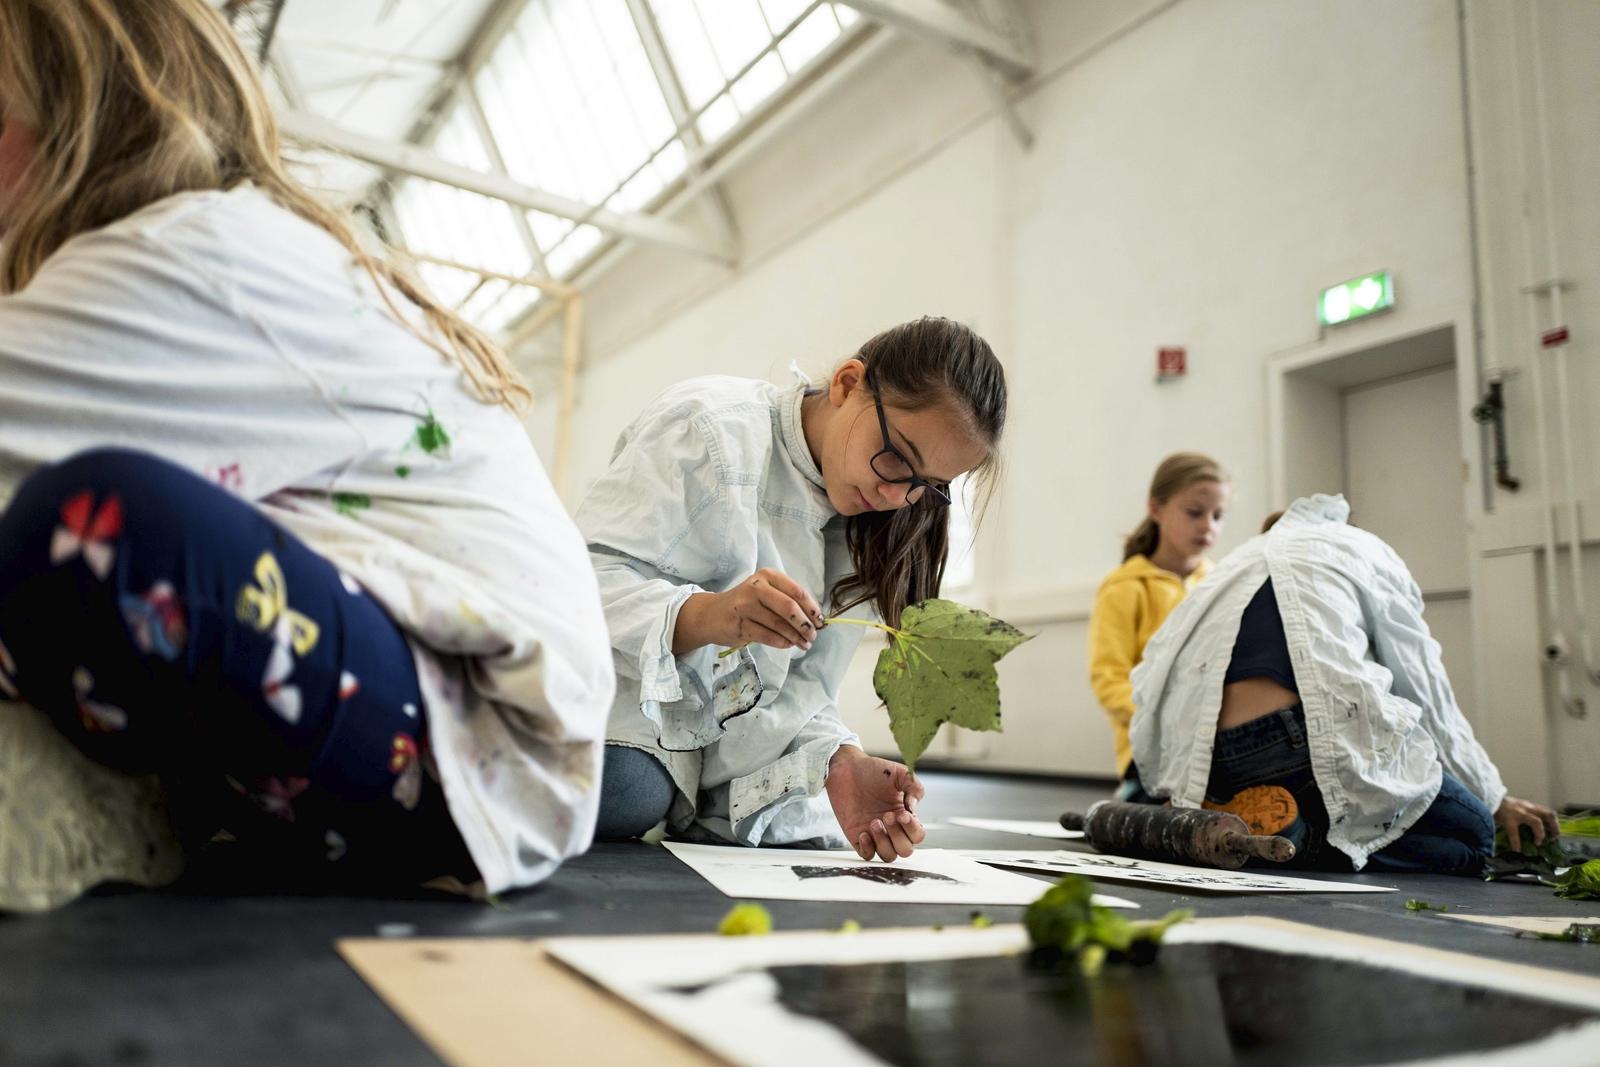 Konferenz Bildschulen: der ideale Rahmen für Kreativitätsförderung